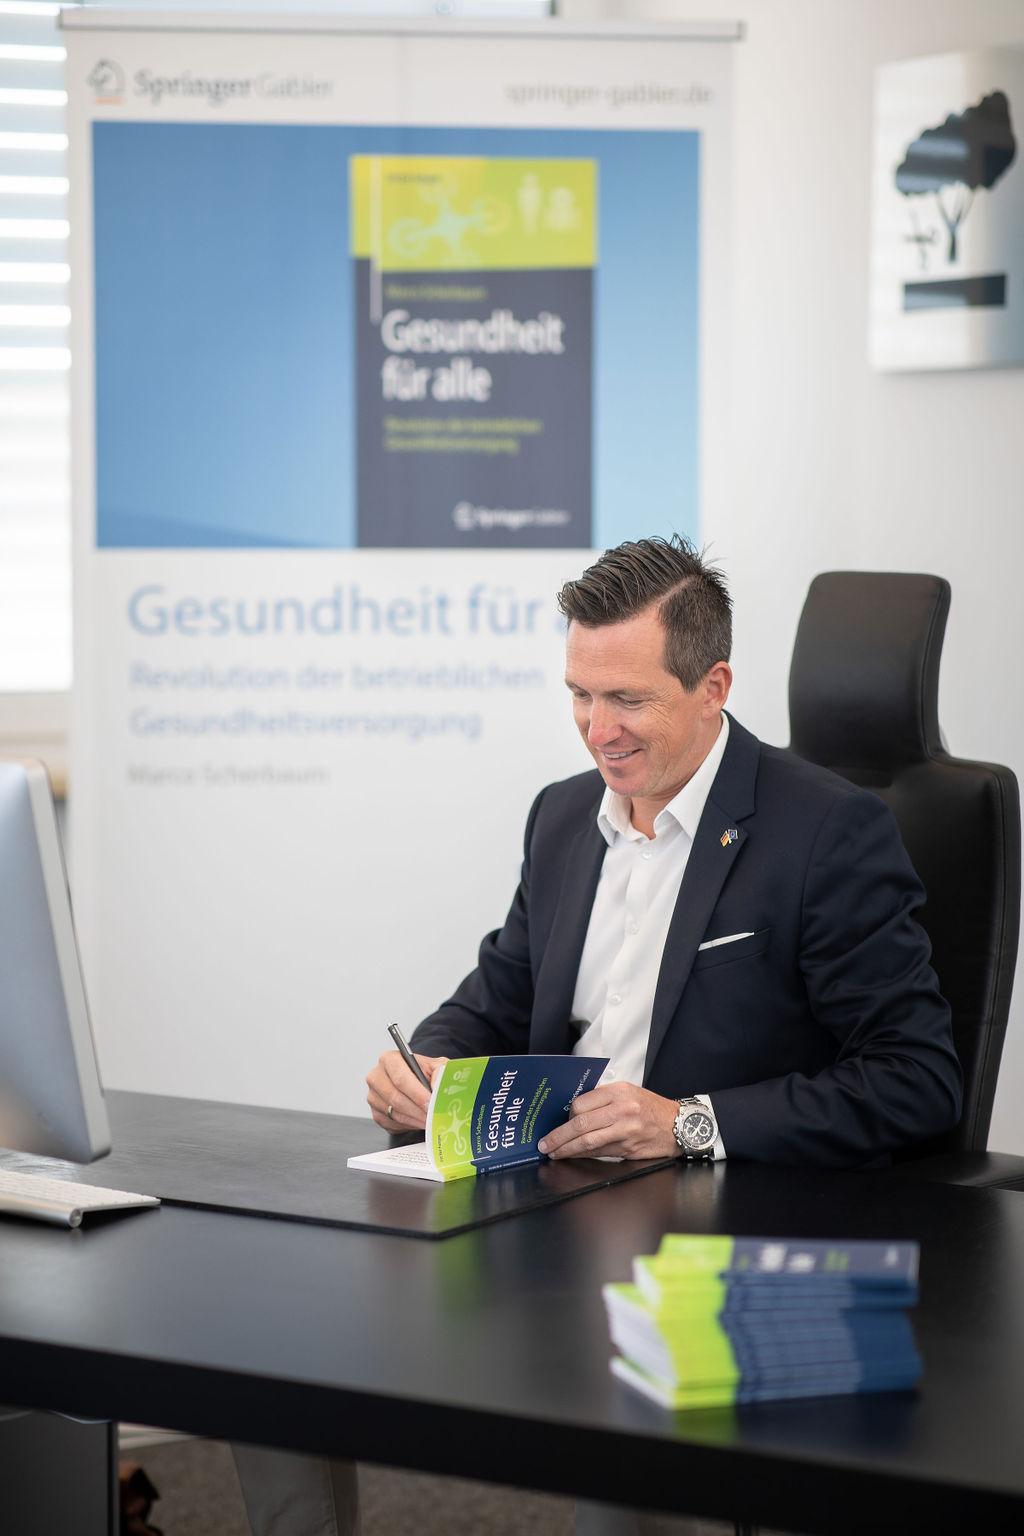 Autor Marco Scherbaum Buch signieren Gesundheit für alle - Revolution der betrieblichen Gesundheitsversorgung Springer Verlag 2019